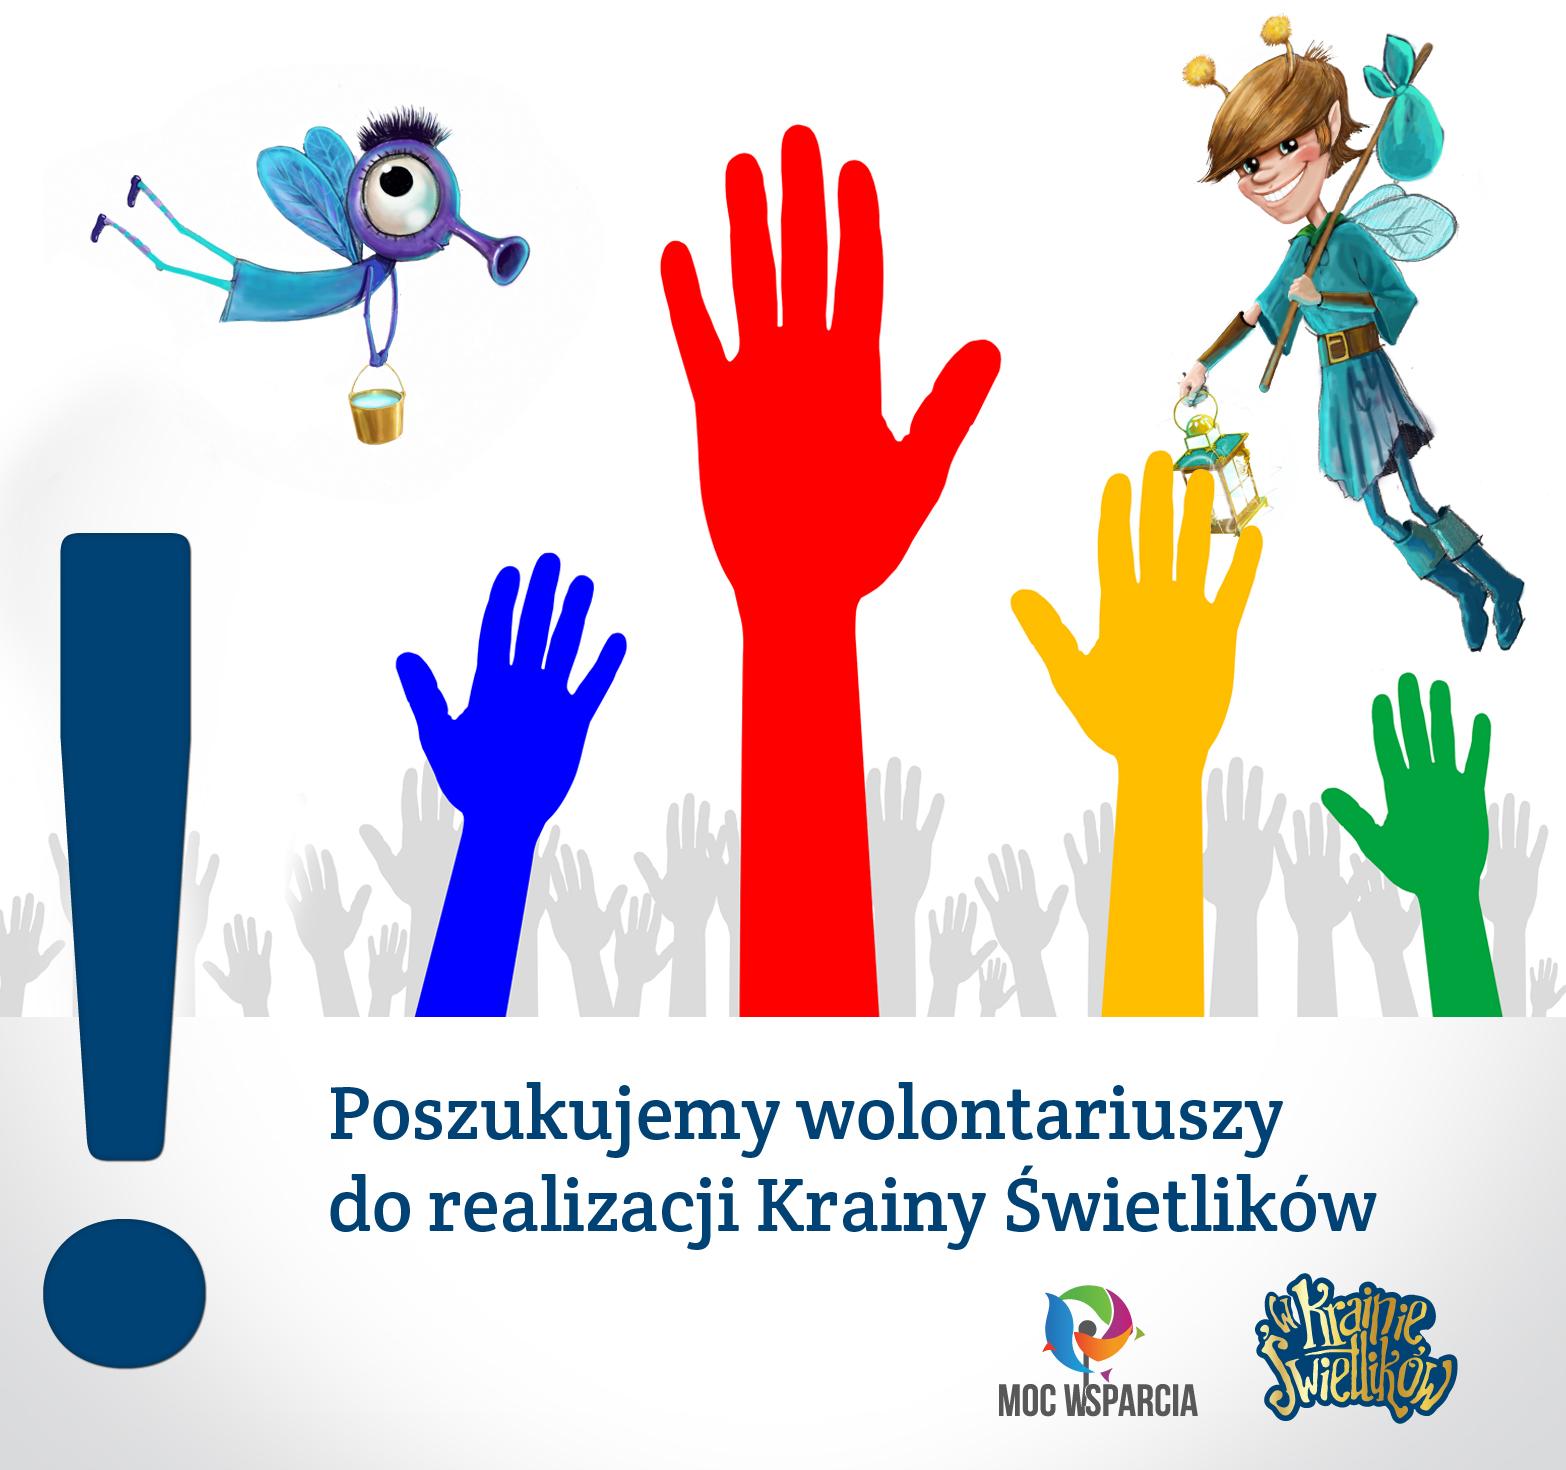 poczukujemy_wolontariuszy_2014